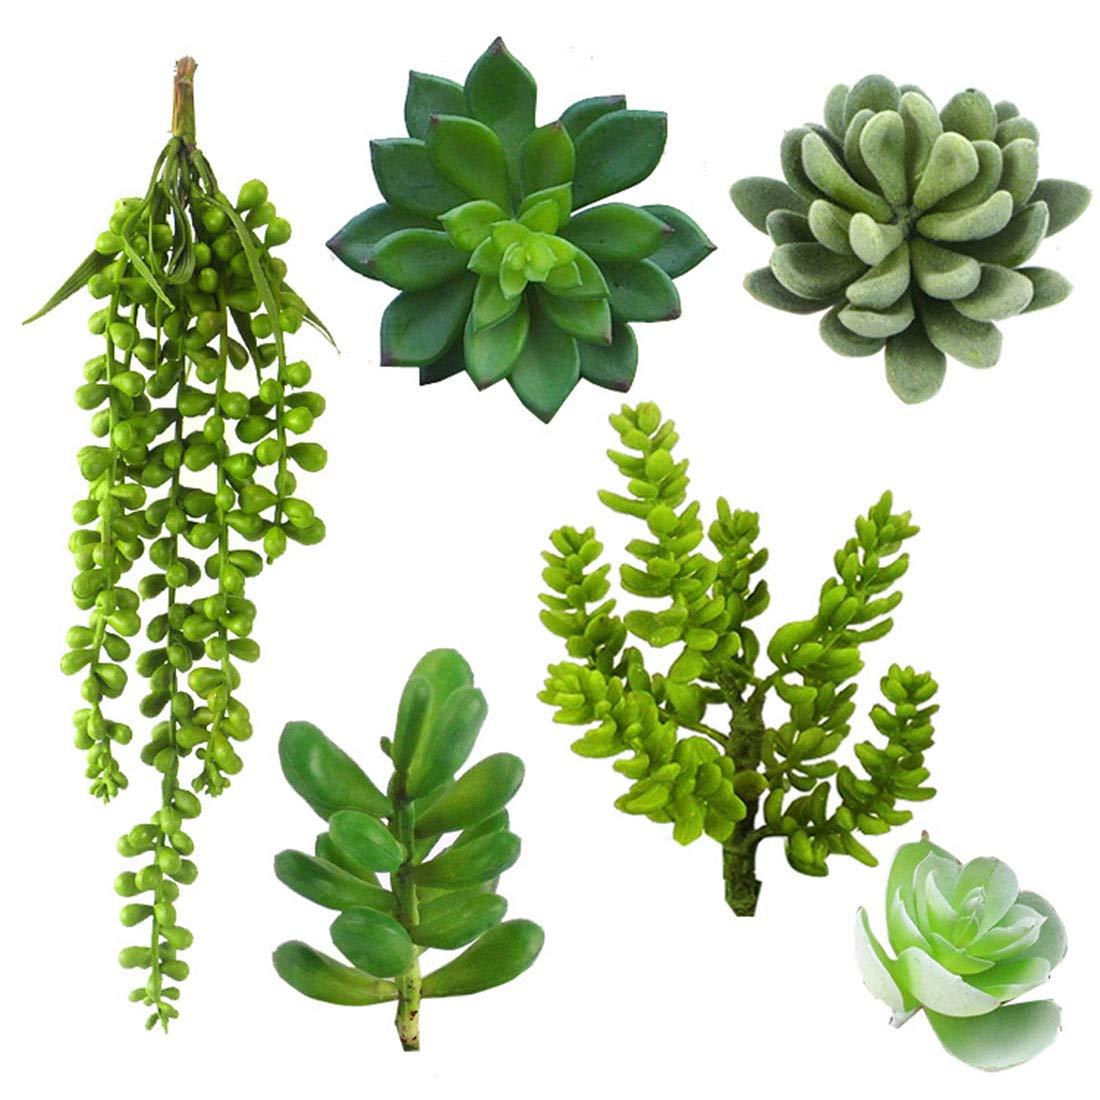 FREAHAP R 6 Piè ces Plantes Succulentes Fausses Plante Grasse Artificielle Dé coration Chembre Bureau Table Fenê tre